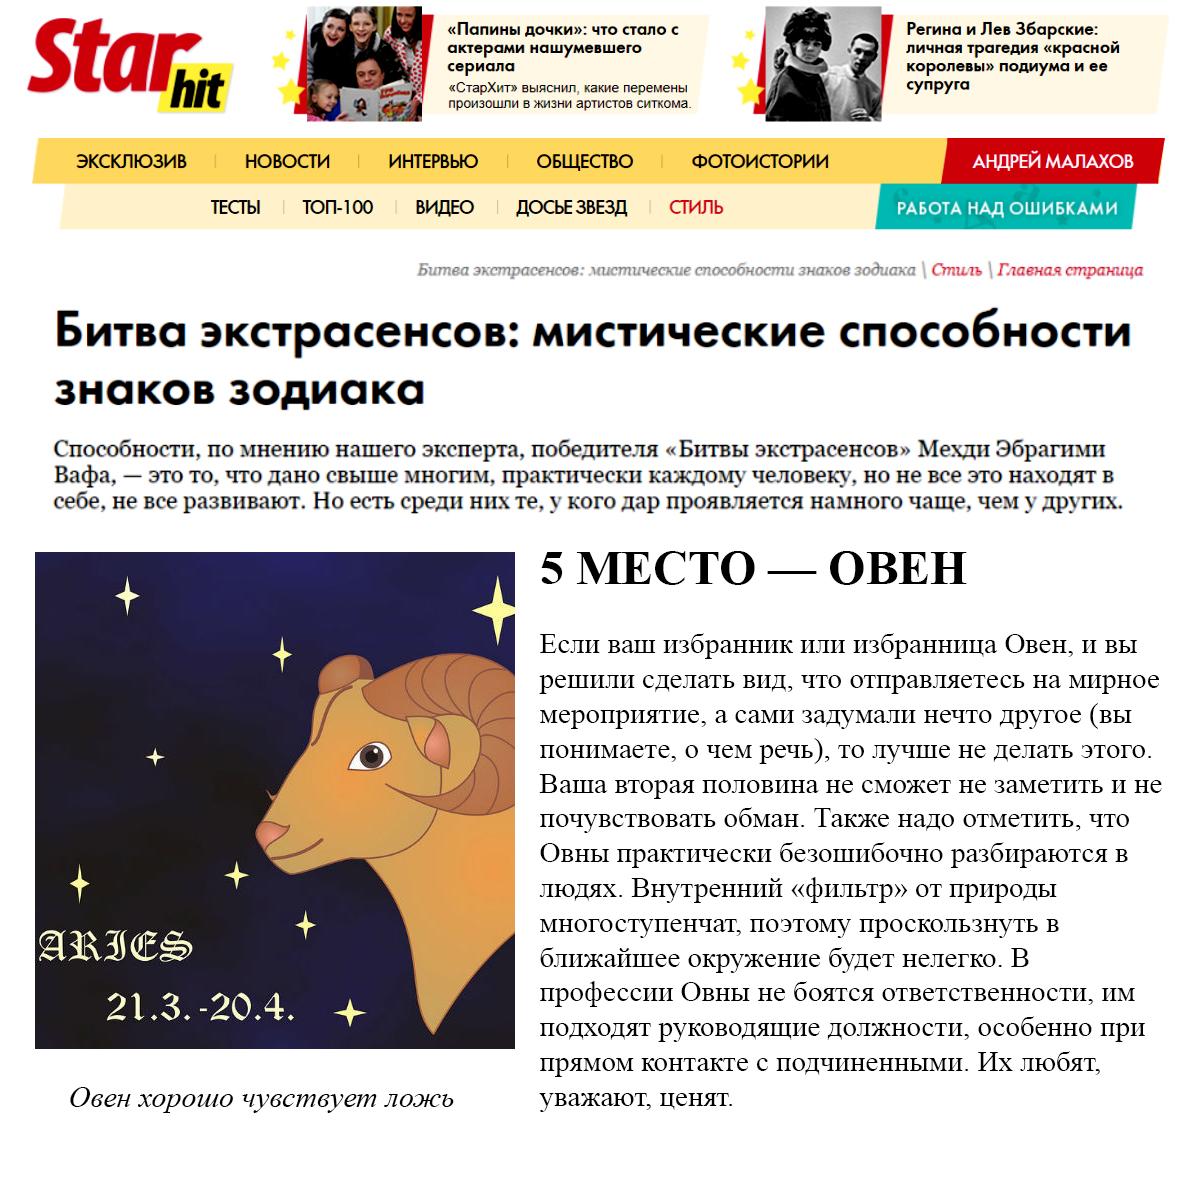 Мехди Эбрагими Вафа изданию STARHIT: 'Битва экстрасенсов: мистические способности знаков зодиака'